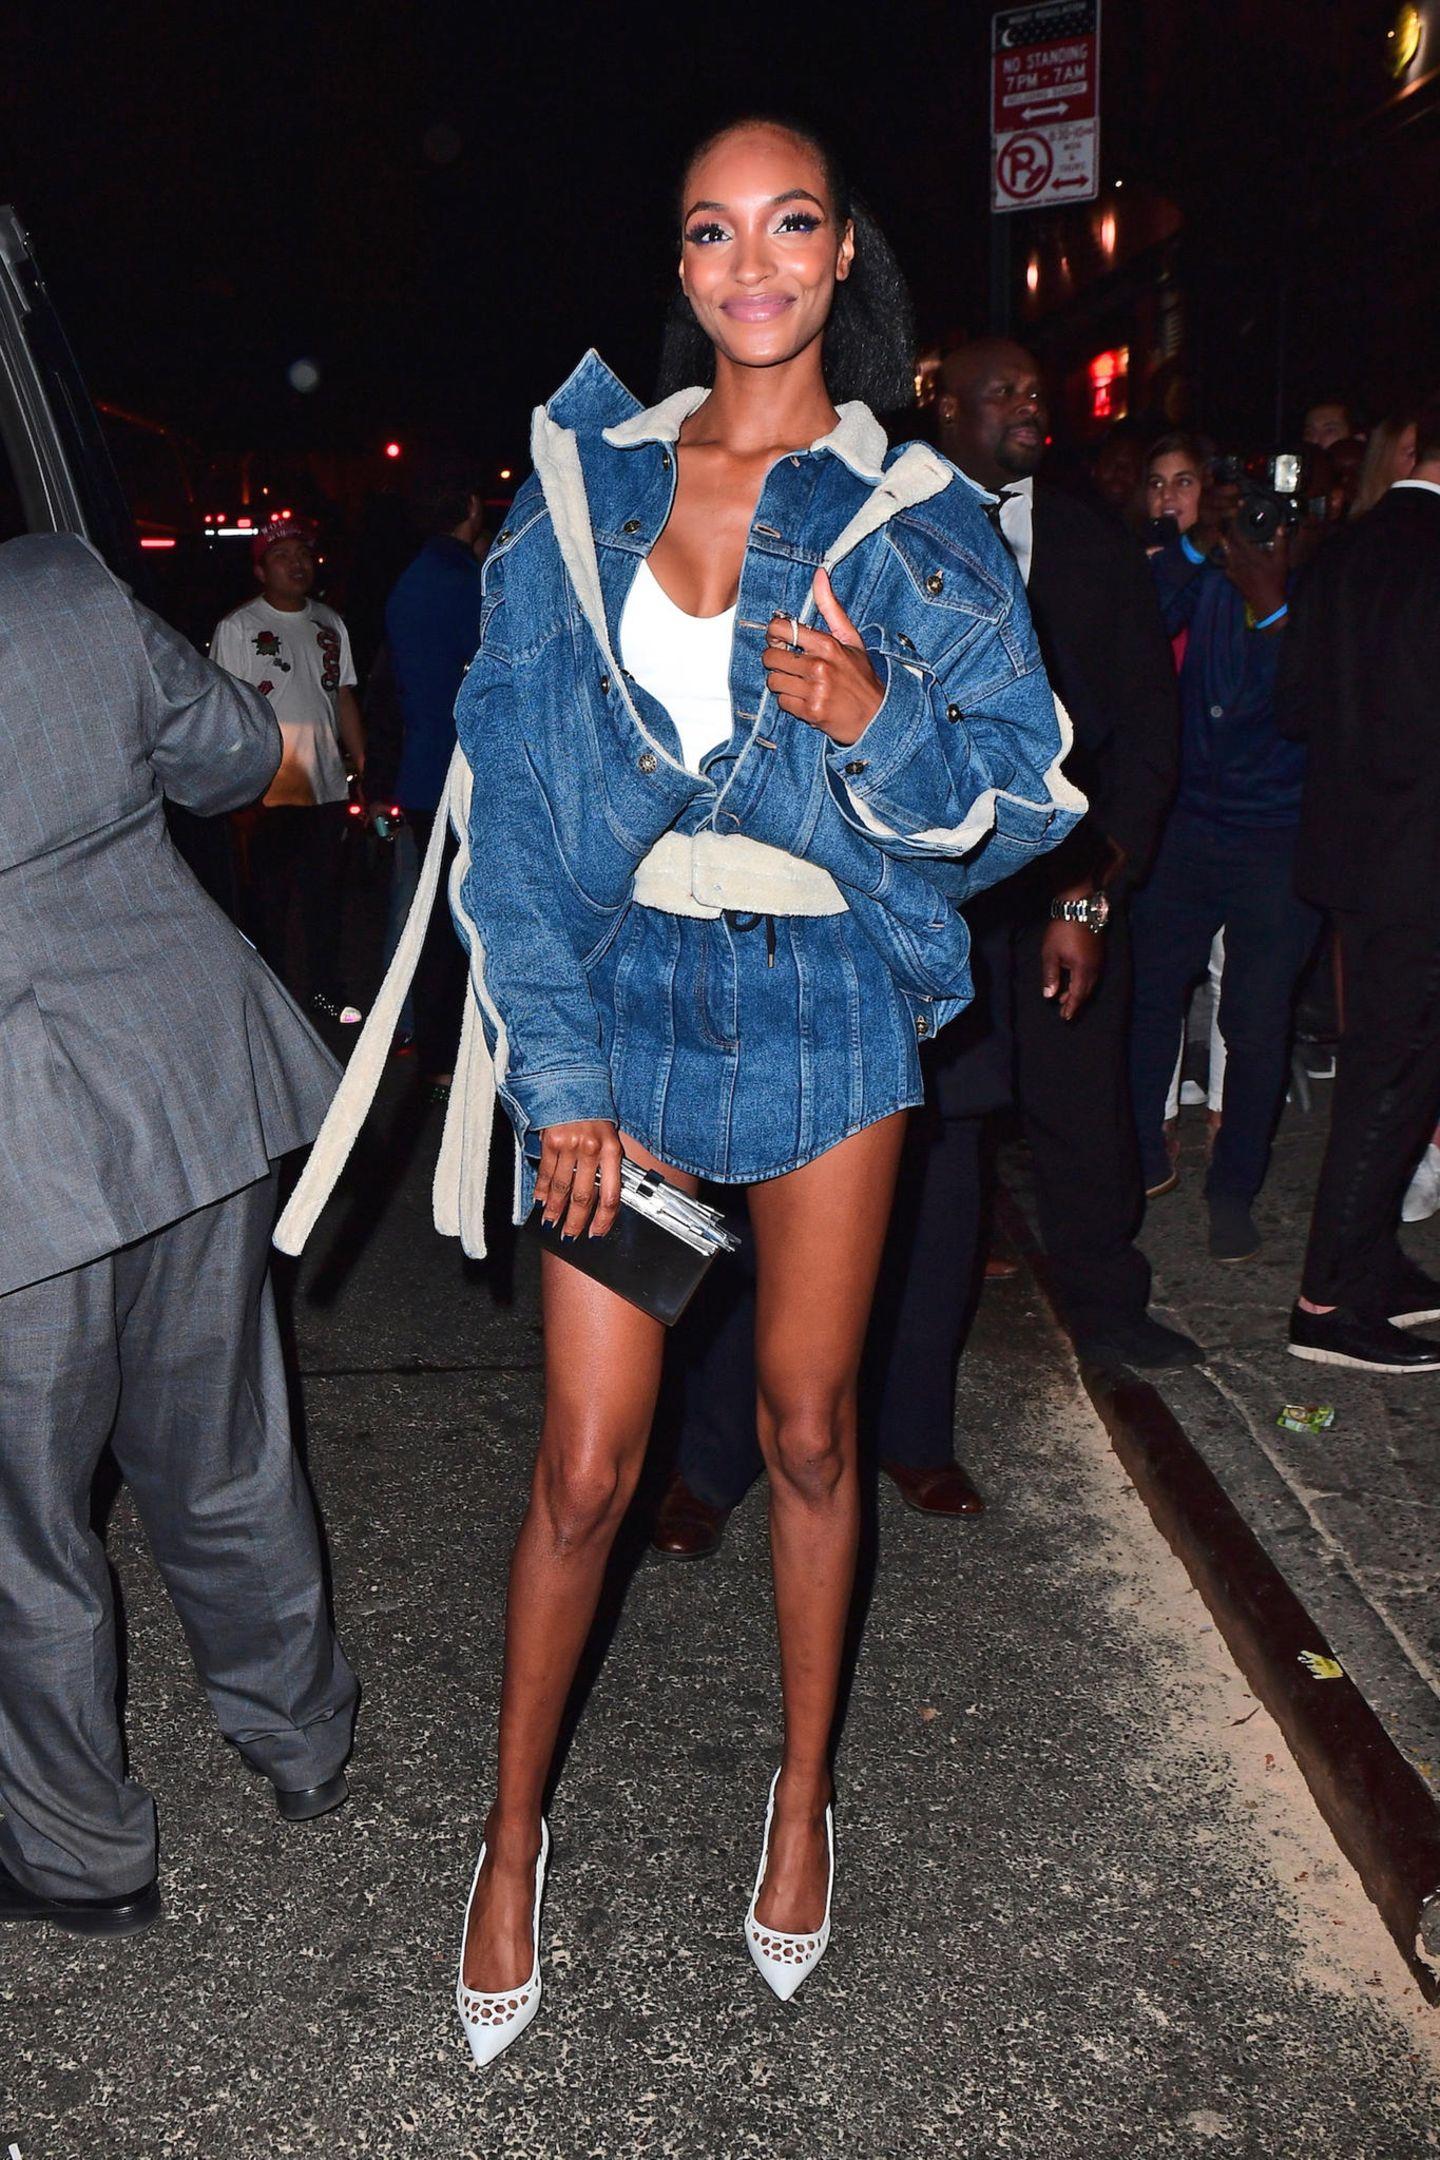 Jourdan Dunns Double-Denim-Outfit für die Rihanna-Party reißt uns auch nicht gerade vom Hocker.